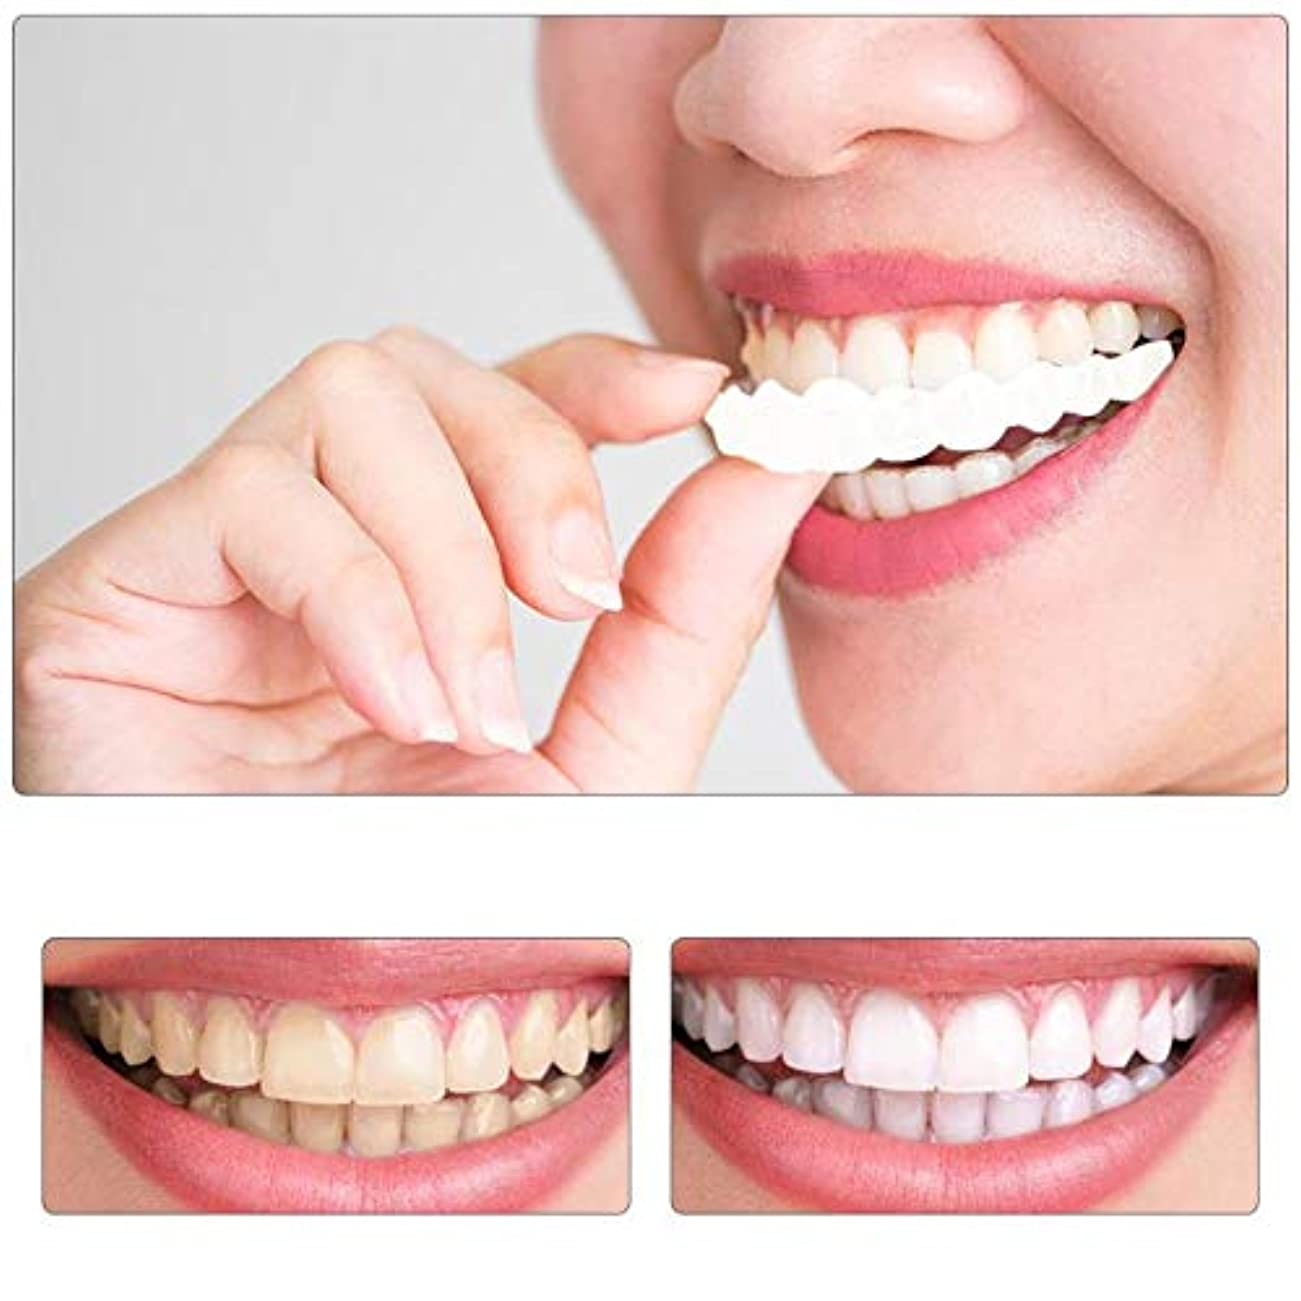 させる最もくさび1ペア偽歯上部偽偽歯カバースナップオン即時歯化粧品義歯ケアオーラルケアプラスチックホワイトニング義歯